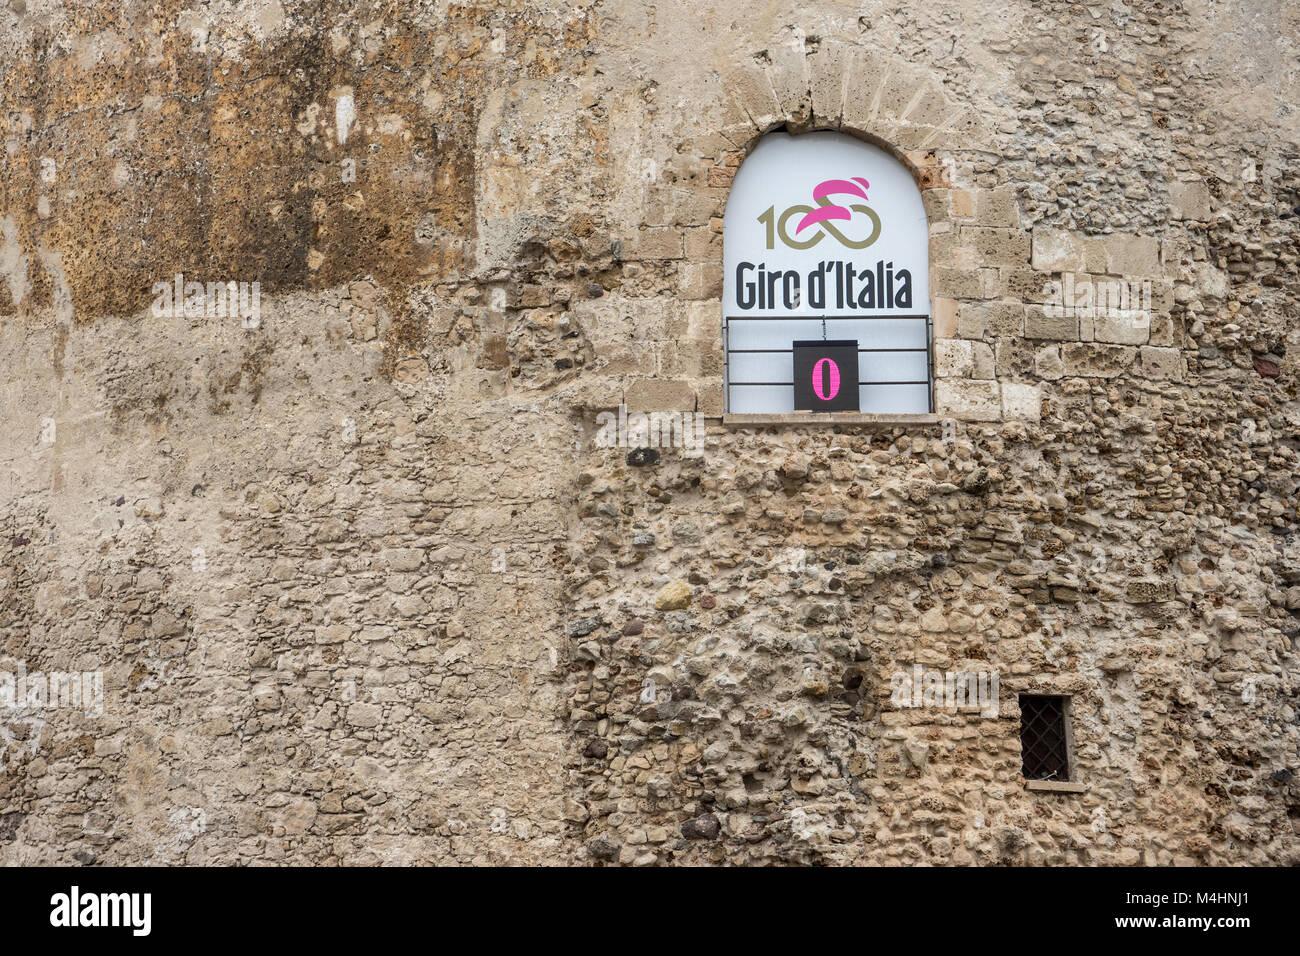 Comienzo del Giro d'Italia en Alghero, Cerdeña Imagen De Stock